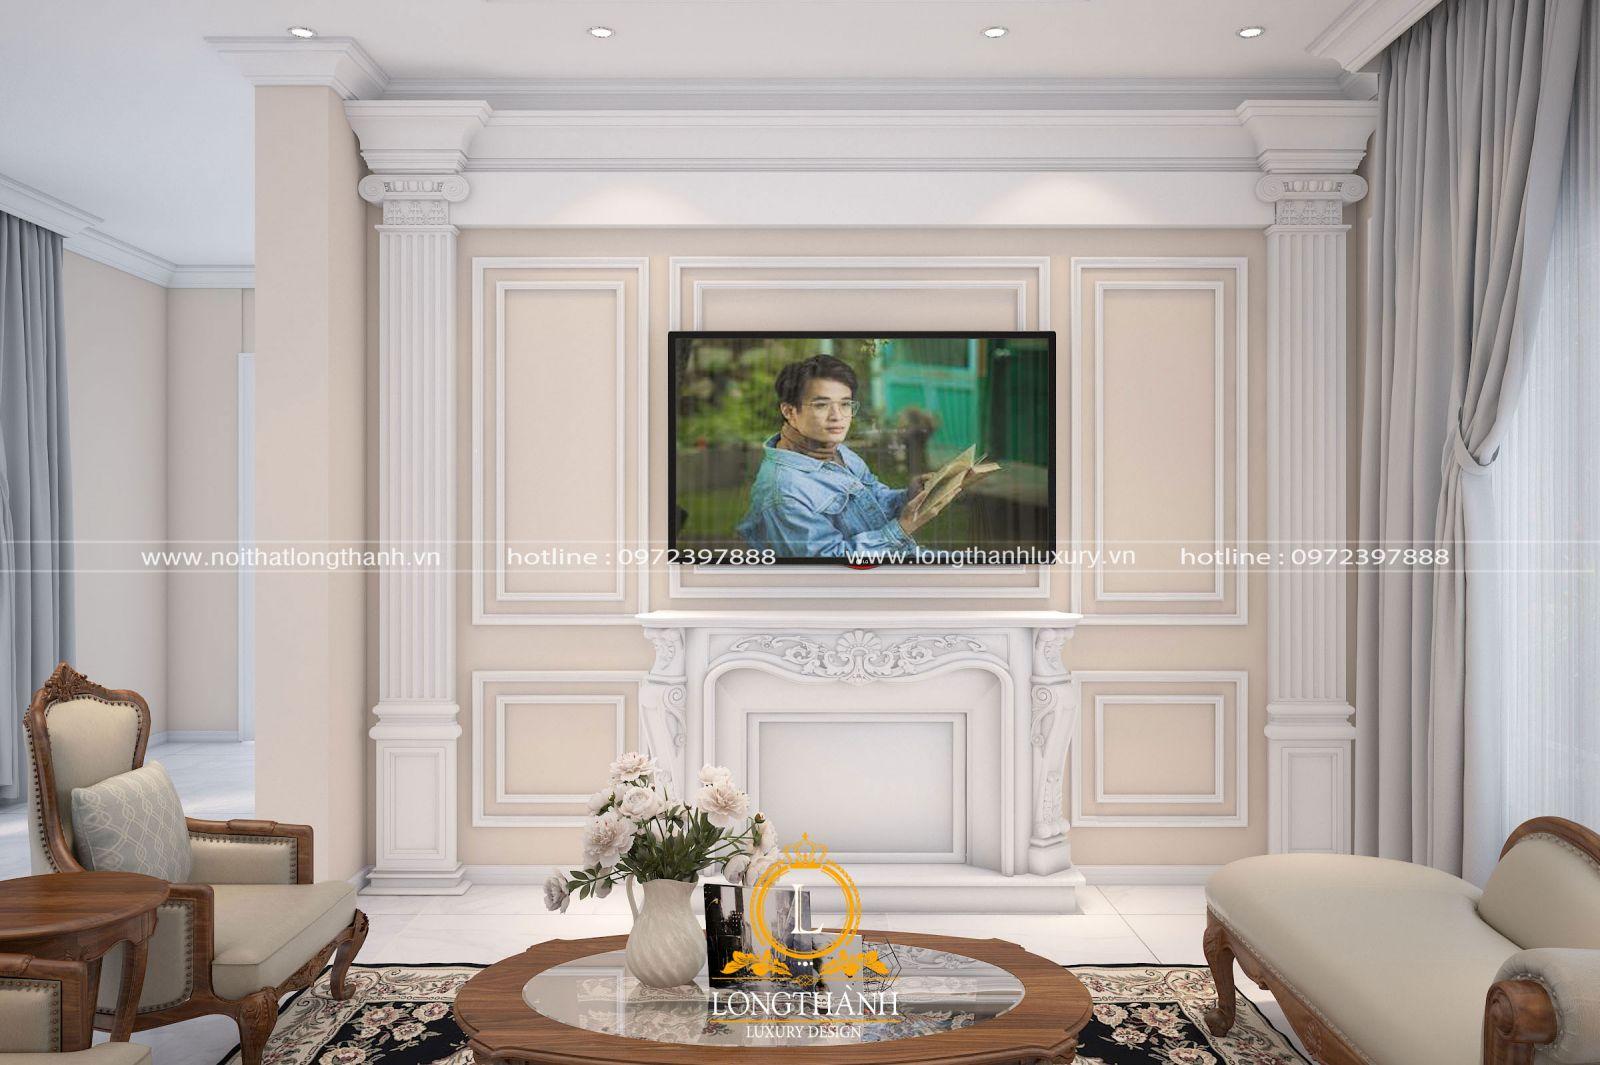 Không gian phòng khách tân cổ điển với điểm nhấn là bộ sofađược bố trí trung tâm